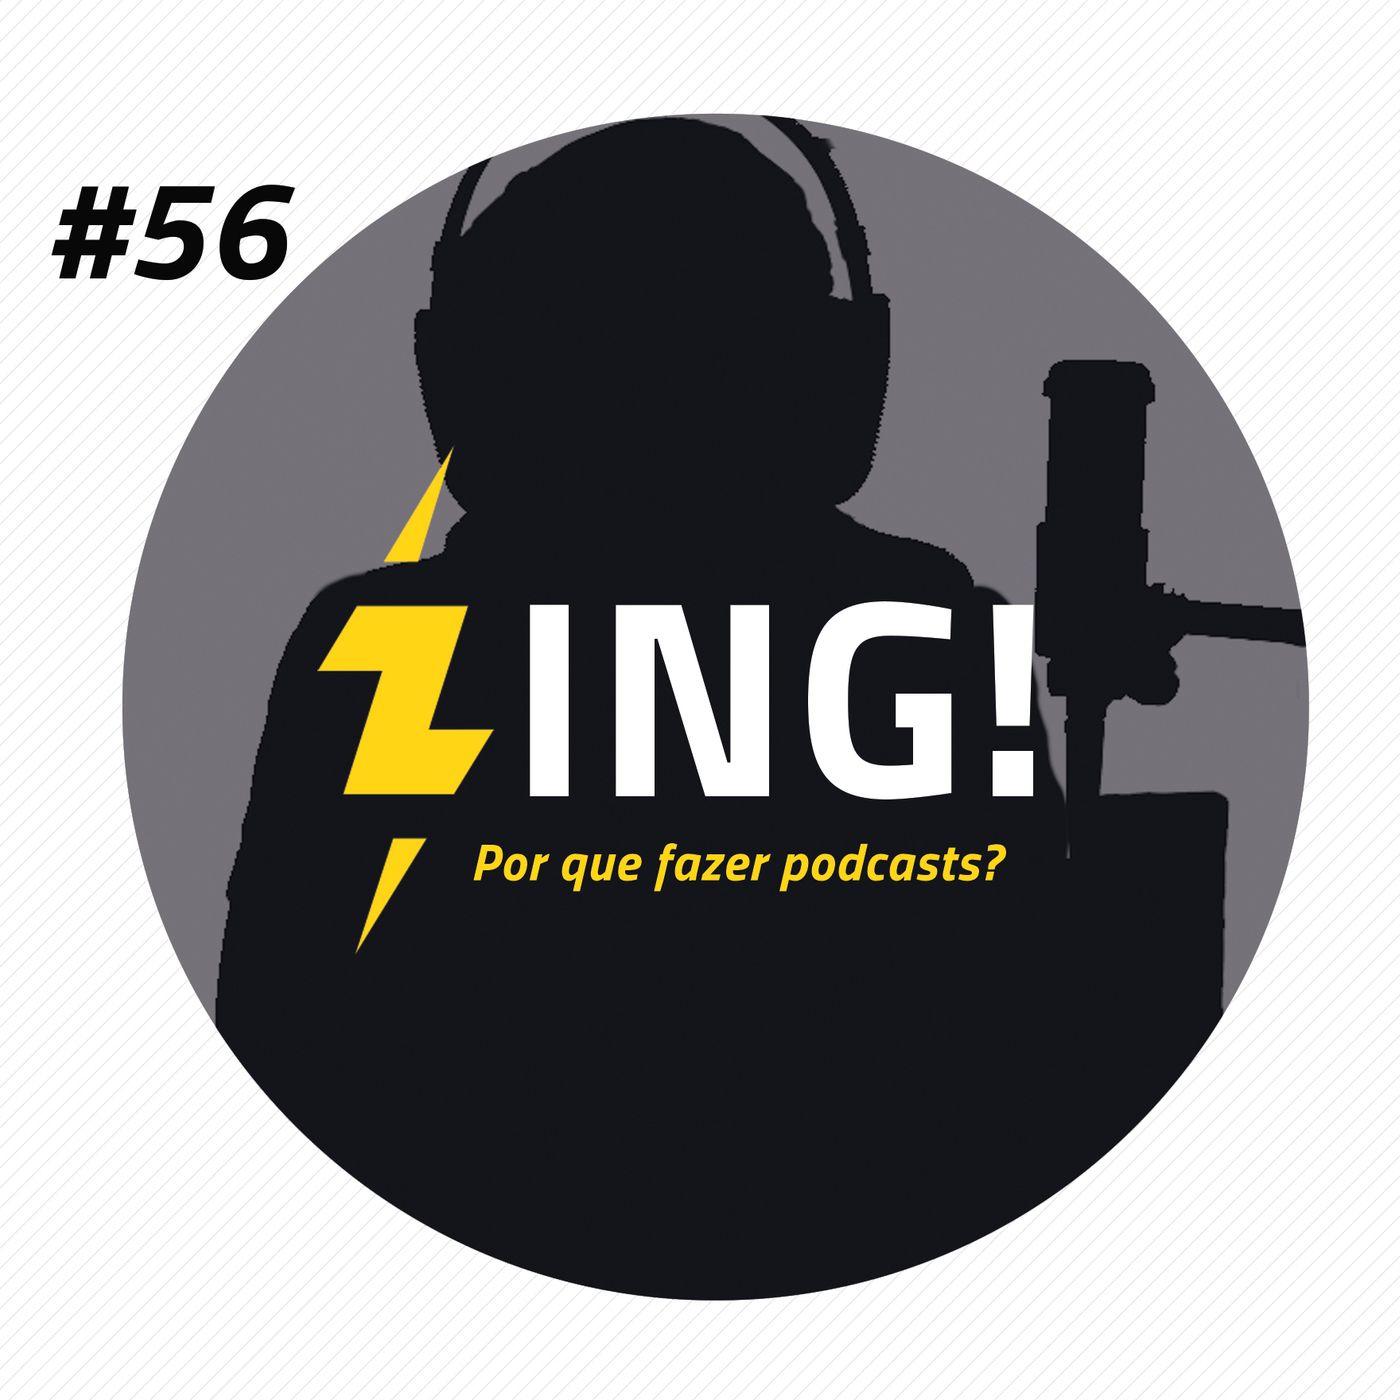 #56 - Por que fazer podcasts?